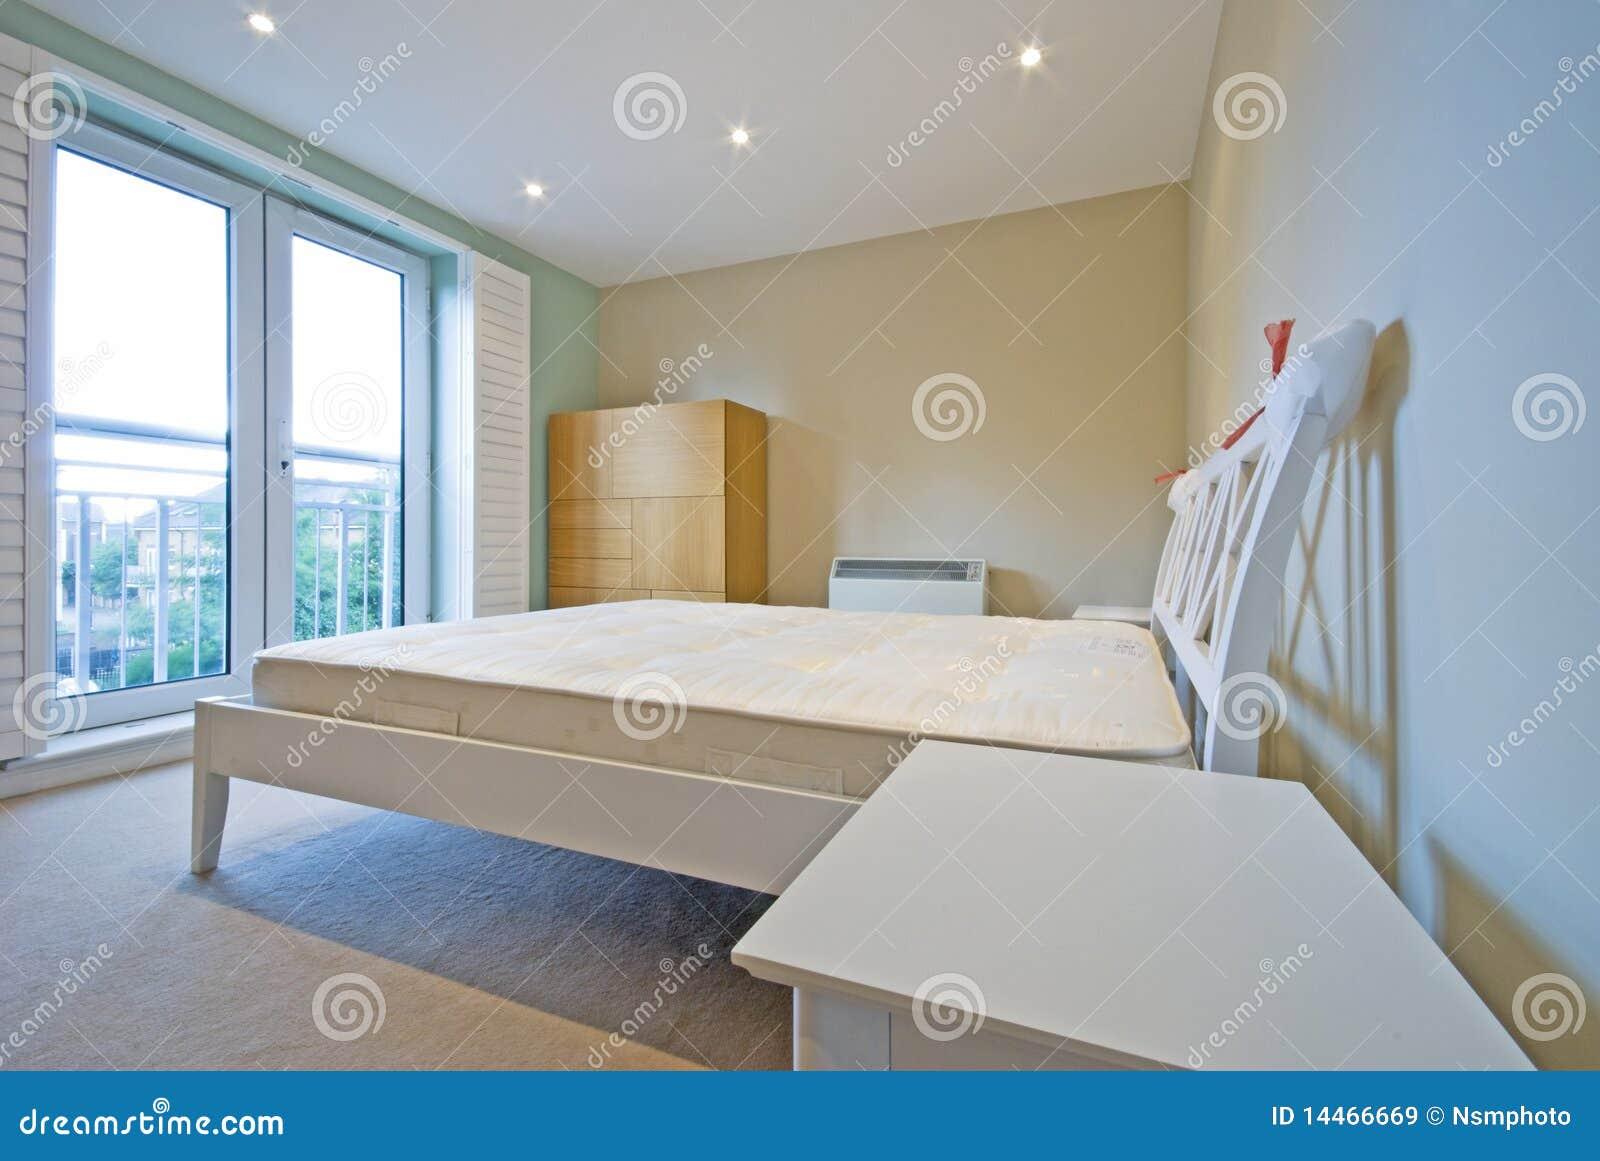 Download Modernes Schlafzimmer Im Weiß Mit Einfachen Möbeln Stockbild    Bild Von Shrink, Luxus: